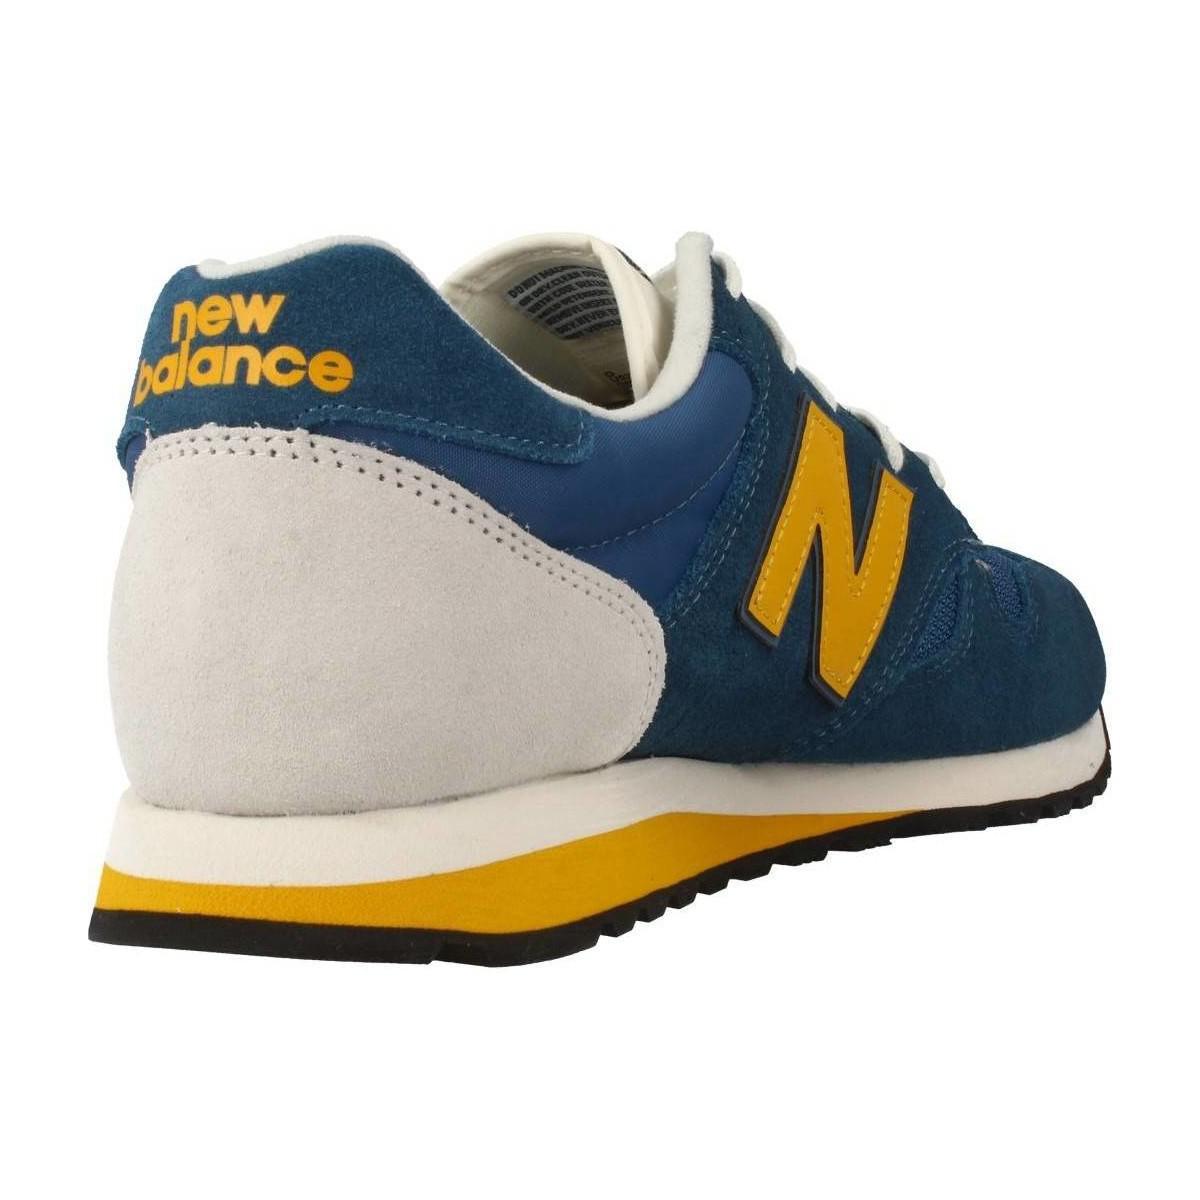 new balance u520ci